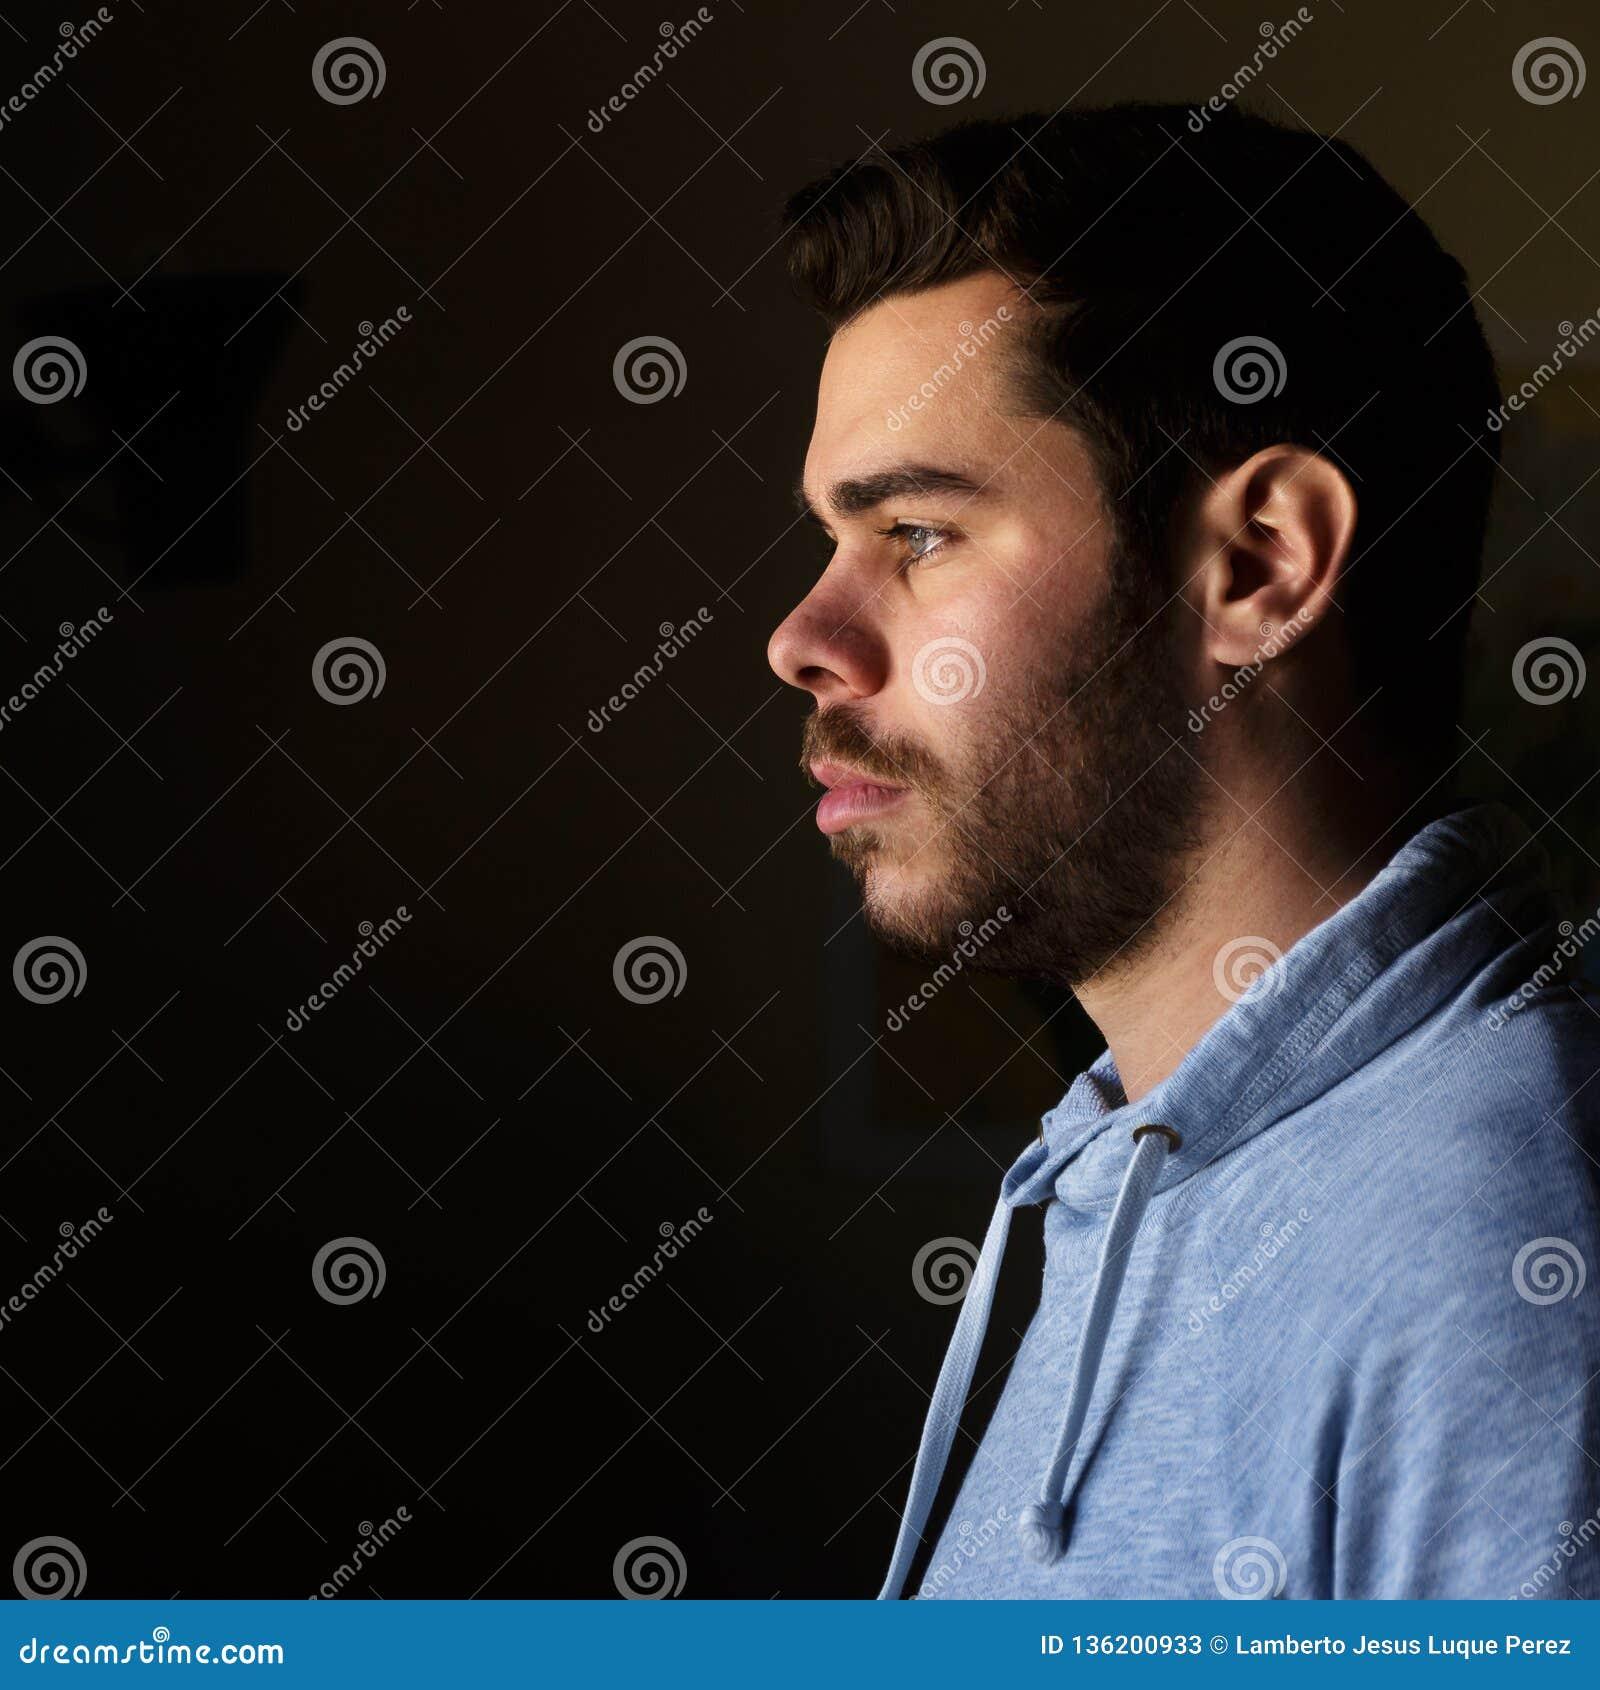 Portret van een jonge mens met een baard in profiel